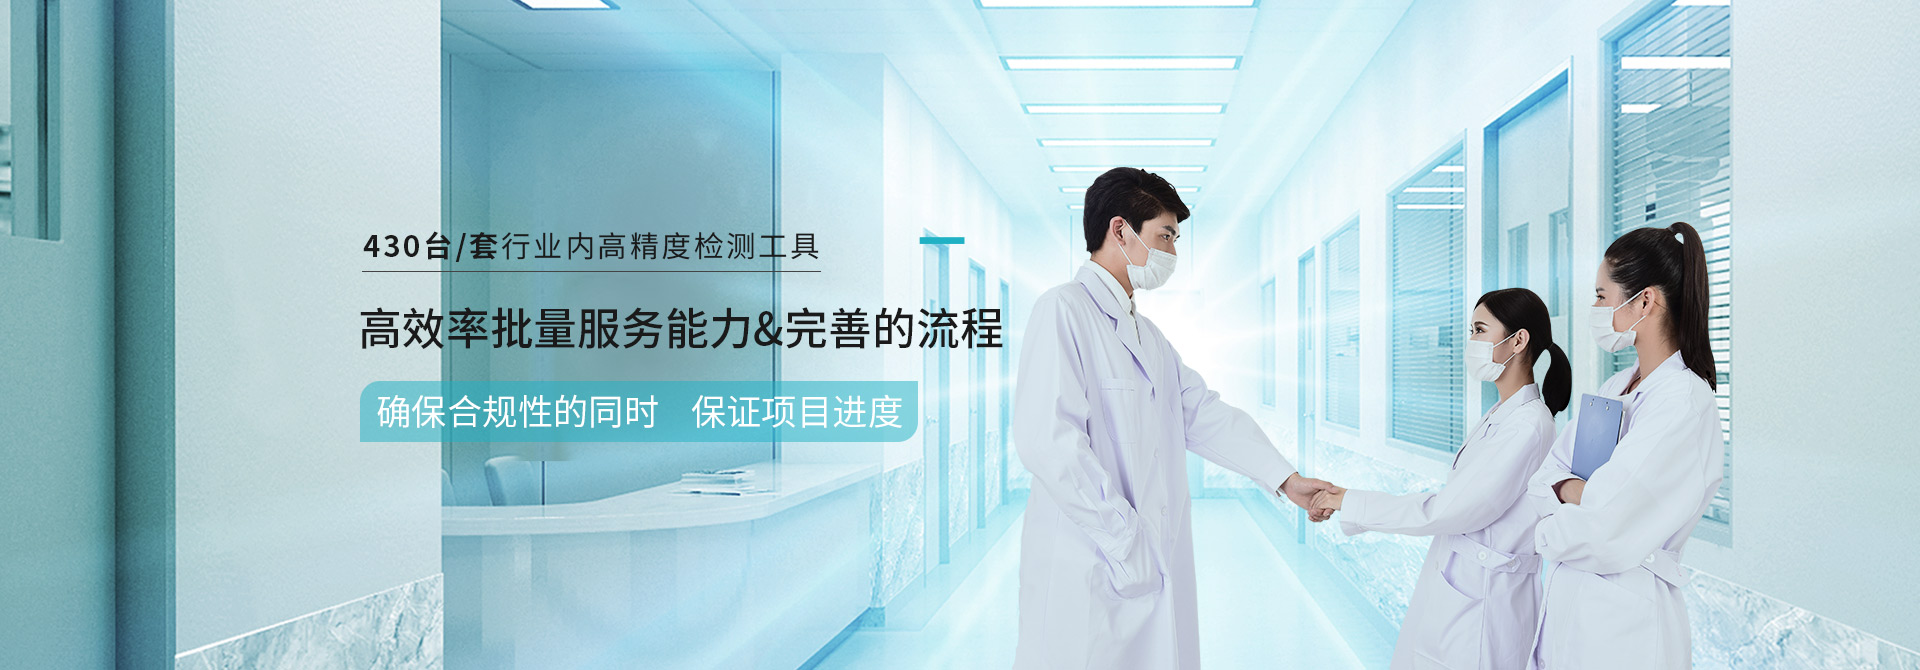 上海熙迈确保GXP的持续符合性